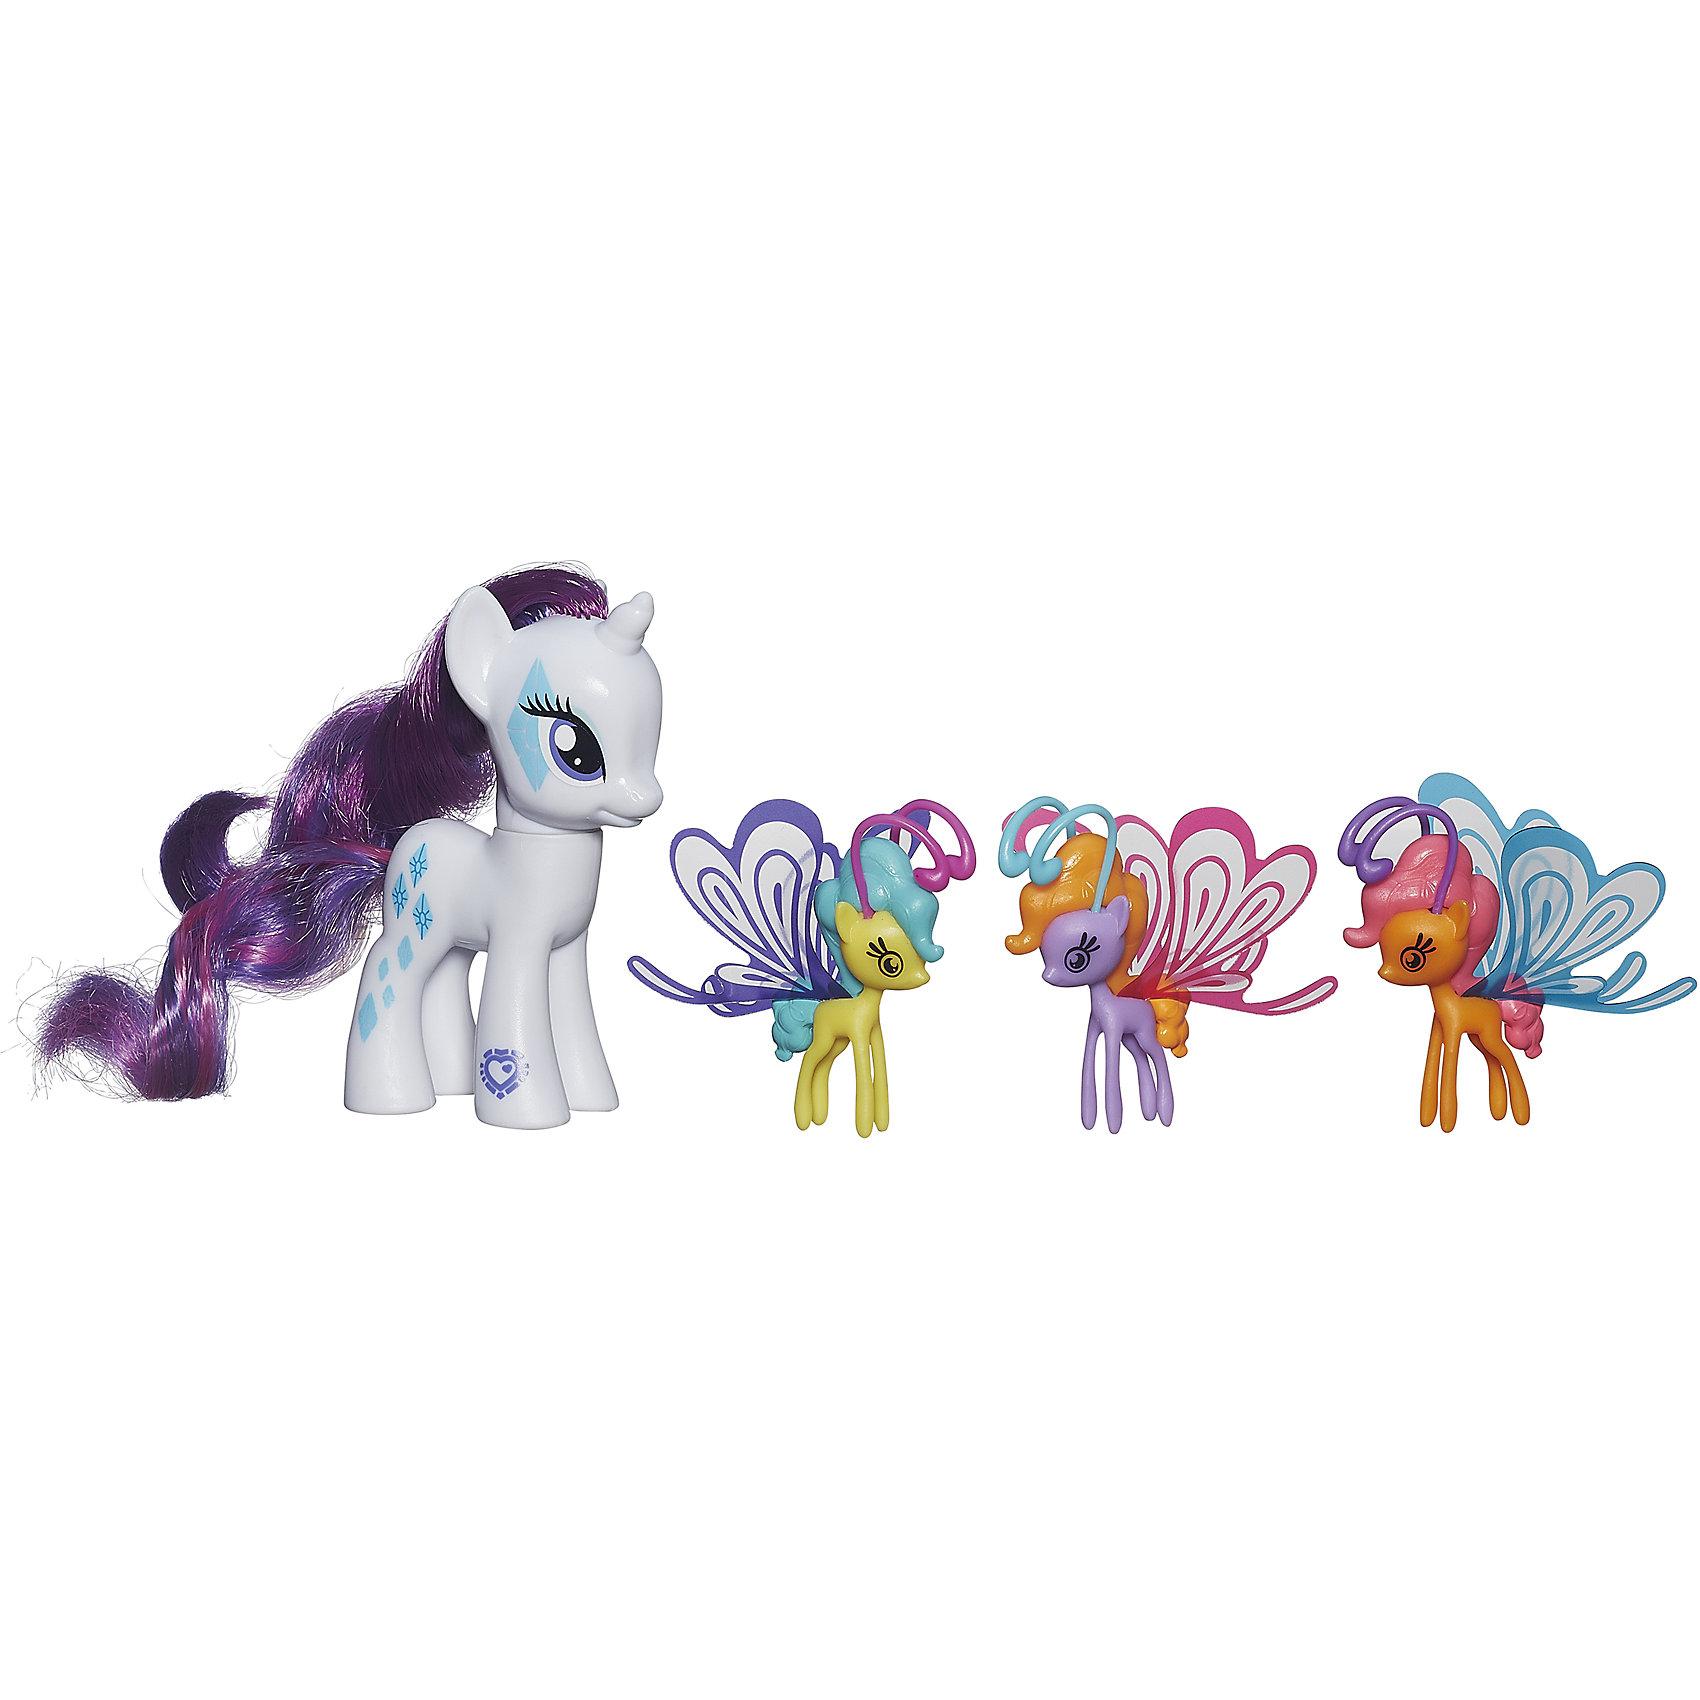 Пони Делюкс с волшебными крыльями, My little Pony,  B3014/B0358Очаровательные героини известного мультсериала Мой маленький Пони приведут в восторг всех девочек. В наборе - фигурка пони с пушистой гривой и три маленькие пони с крылышками. Теперь любимые лошадки смогут играть не только на земле, но и в воздухе. Игрушки выполнены из высококачественного экологичного пластика с применением гипоаллергенных красителей безопасных для детей. <br><br>Дополнительная информация:<br><br>- Материал: пластик.<br>- Размер: 20х17х4 см.<br>- Высота пони: 8 см.<br>- Высота крылатых пони: 4,5 см.<br>- Комплектация: 4 фигурки пони - большая пони, 3 маленьких пони с крылышками. <br><br>Пони Делюкс с волшебными крыльями, My little Pony (Май литл Пони),  можно купить в нашем магазине.<br><br>Ширина мм: 44<br>Глубина мм: 203<br>Высота мм: 197<br>Вес г: 350<br>Возраст от месяцев: 36<br>Возраст до месяцев: 72<br>Пол: Женский<br>Возраст: Детский<br>SKU: 4563922